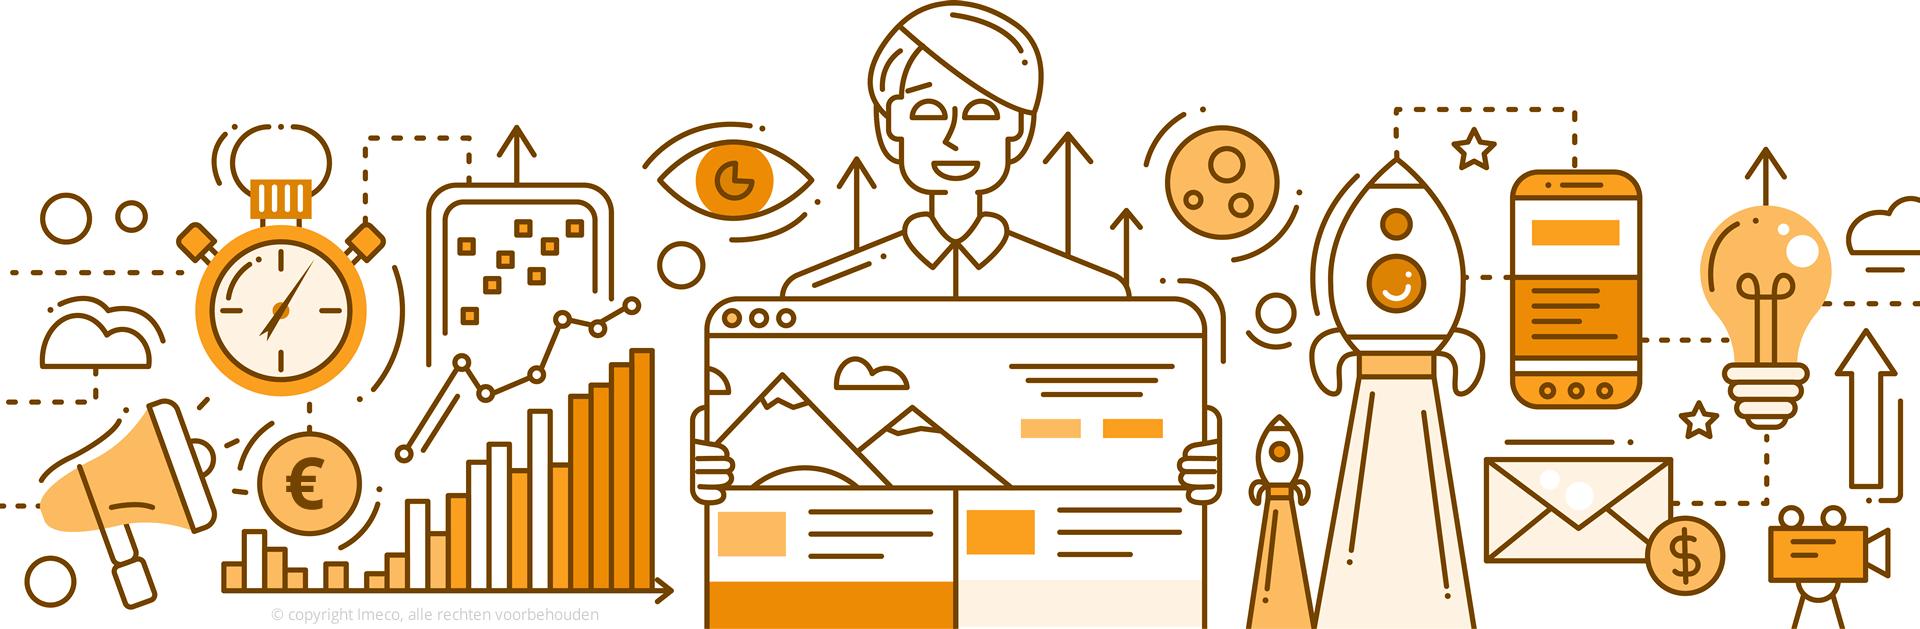 Zoekwoord gebruik door potentiele klanten-bepalen